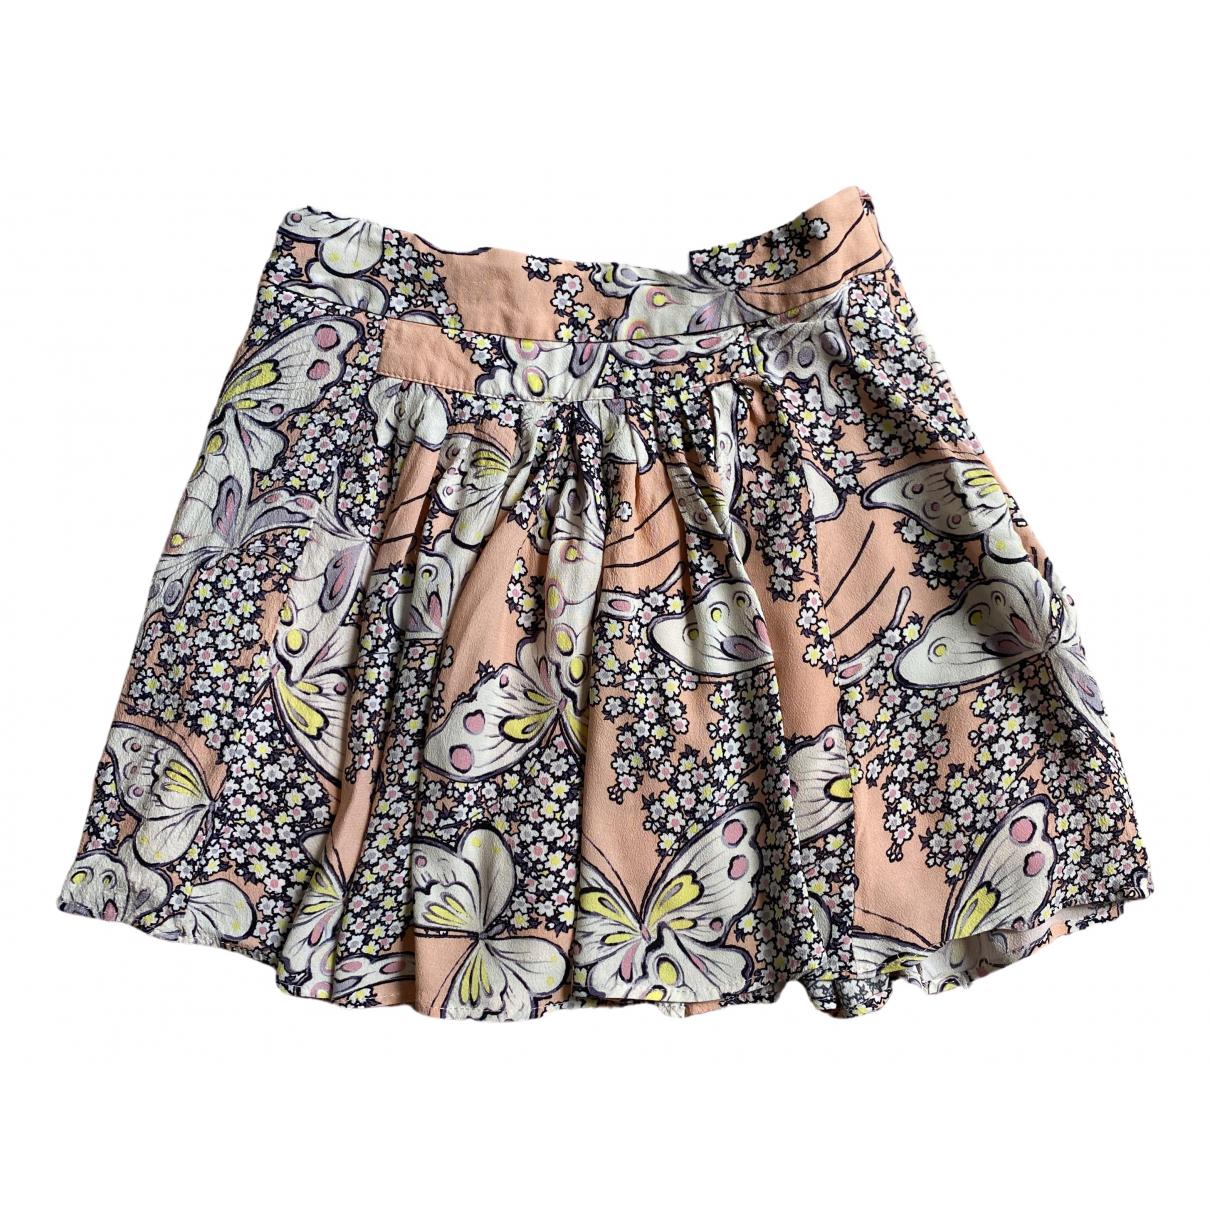 Paul & Joe \N Multicolour skirt for Women 34 FR